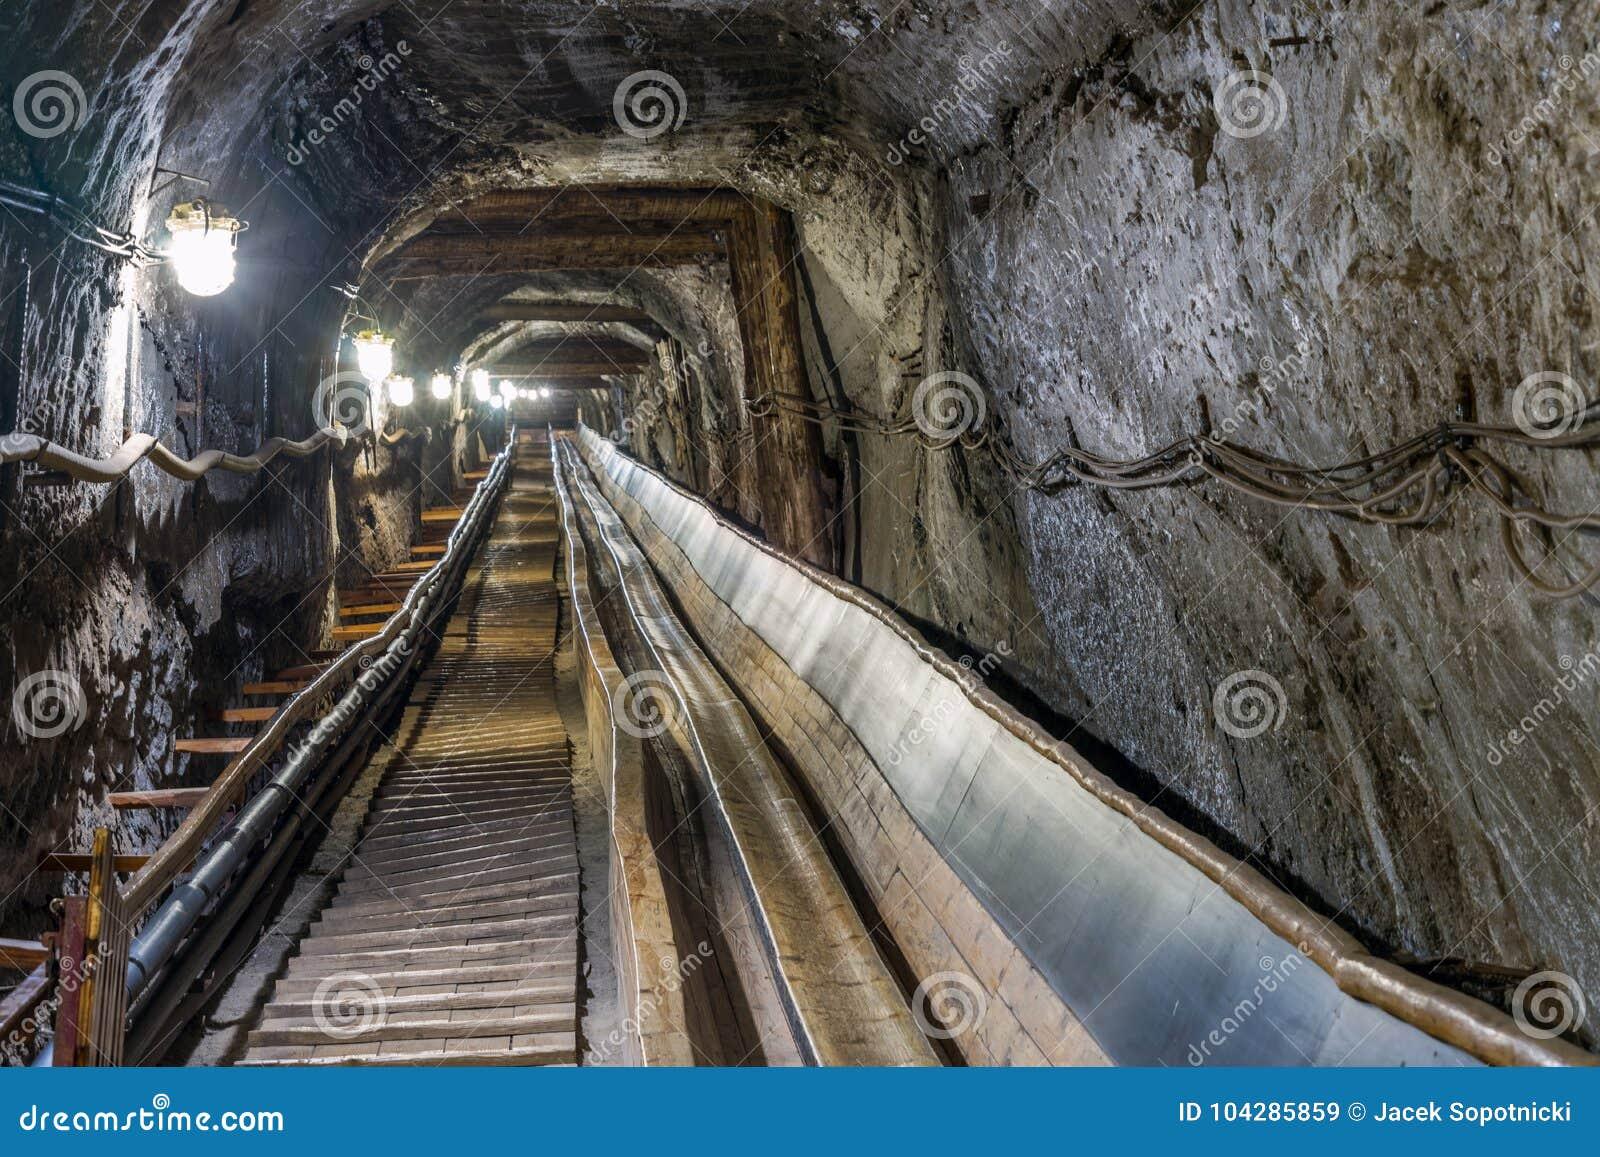 Conveyot da correia no túnel subterrâneo iluminado